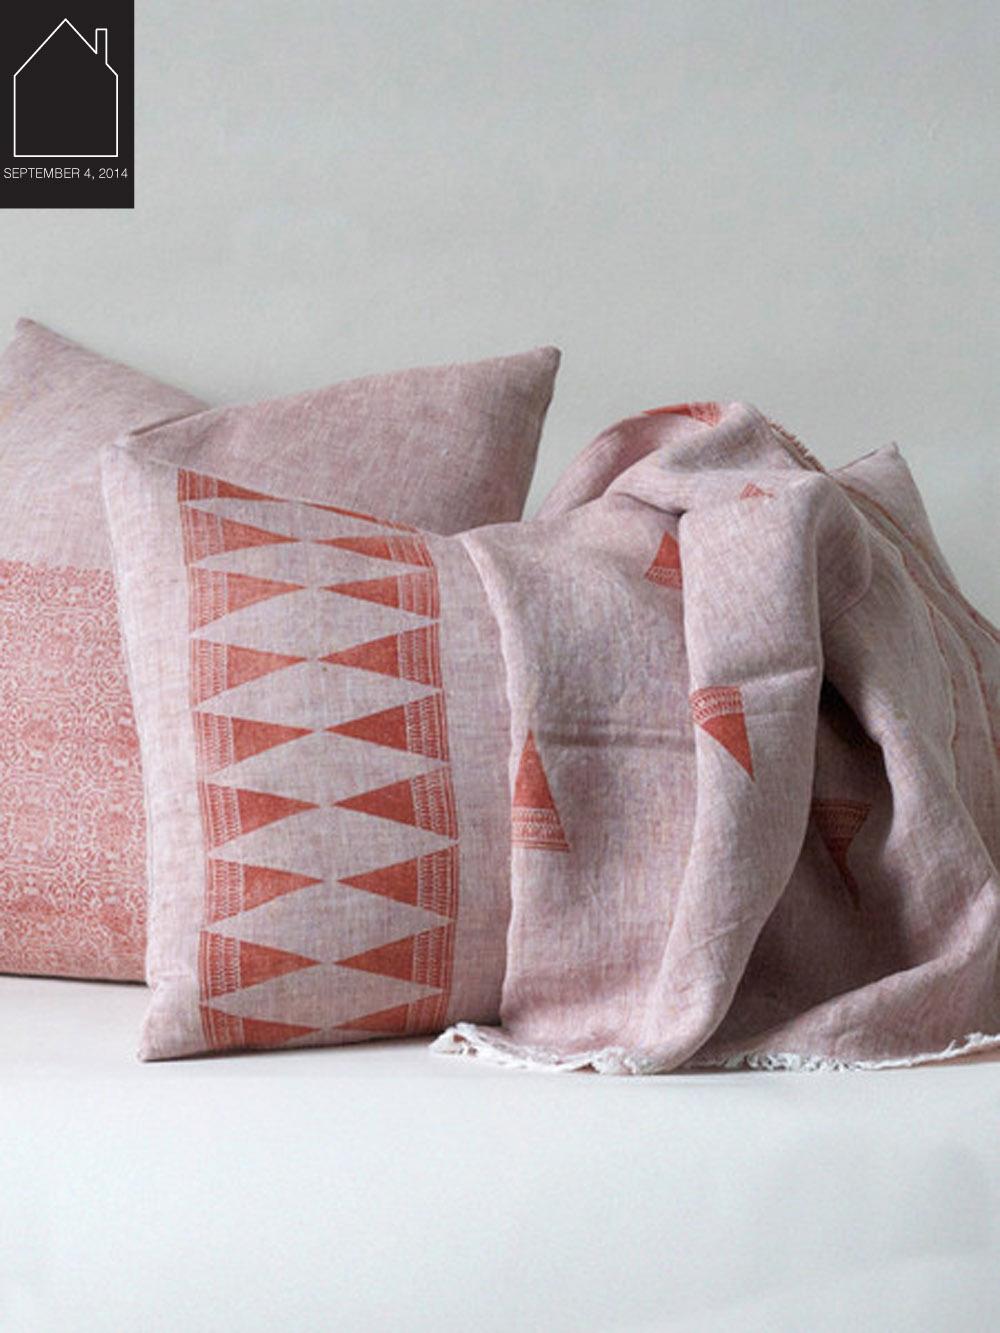 textile design by  Susan Connor